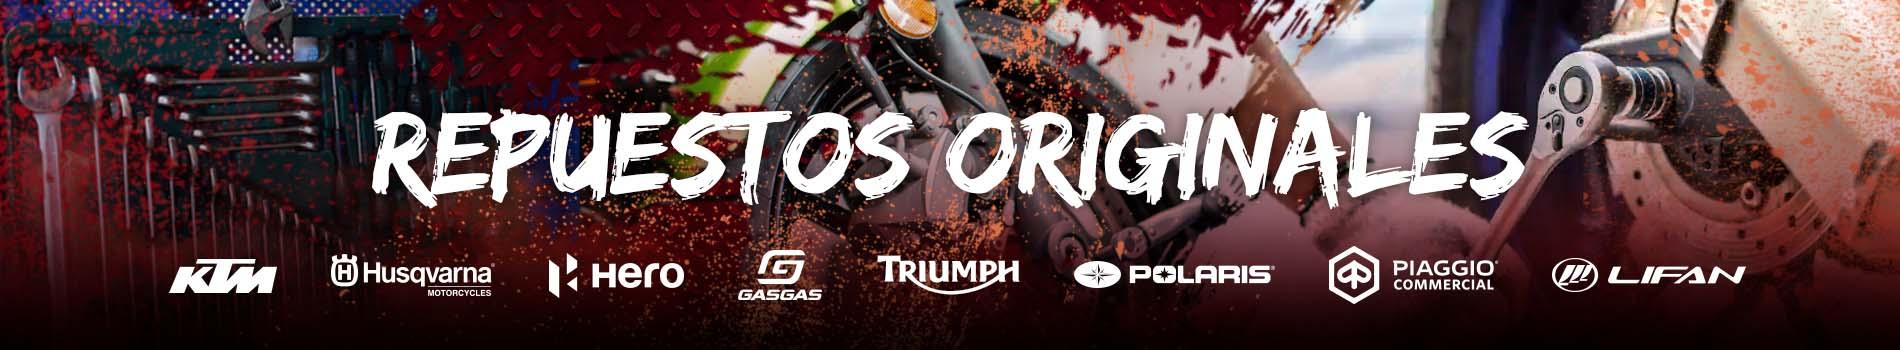 Socopur Motorsports - Venta de Repuestos Originales 1